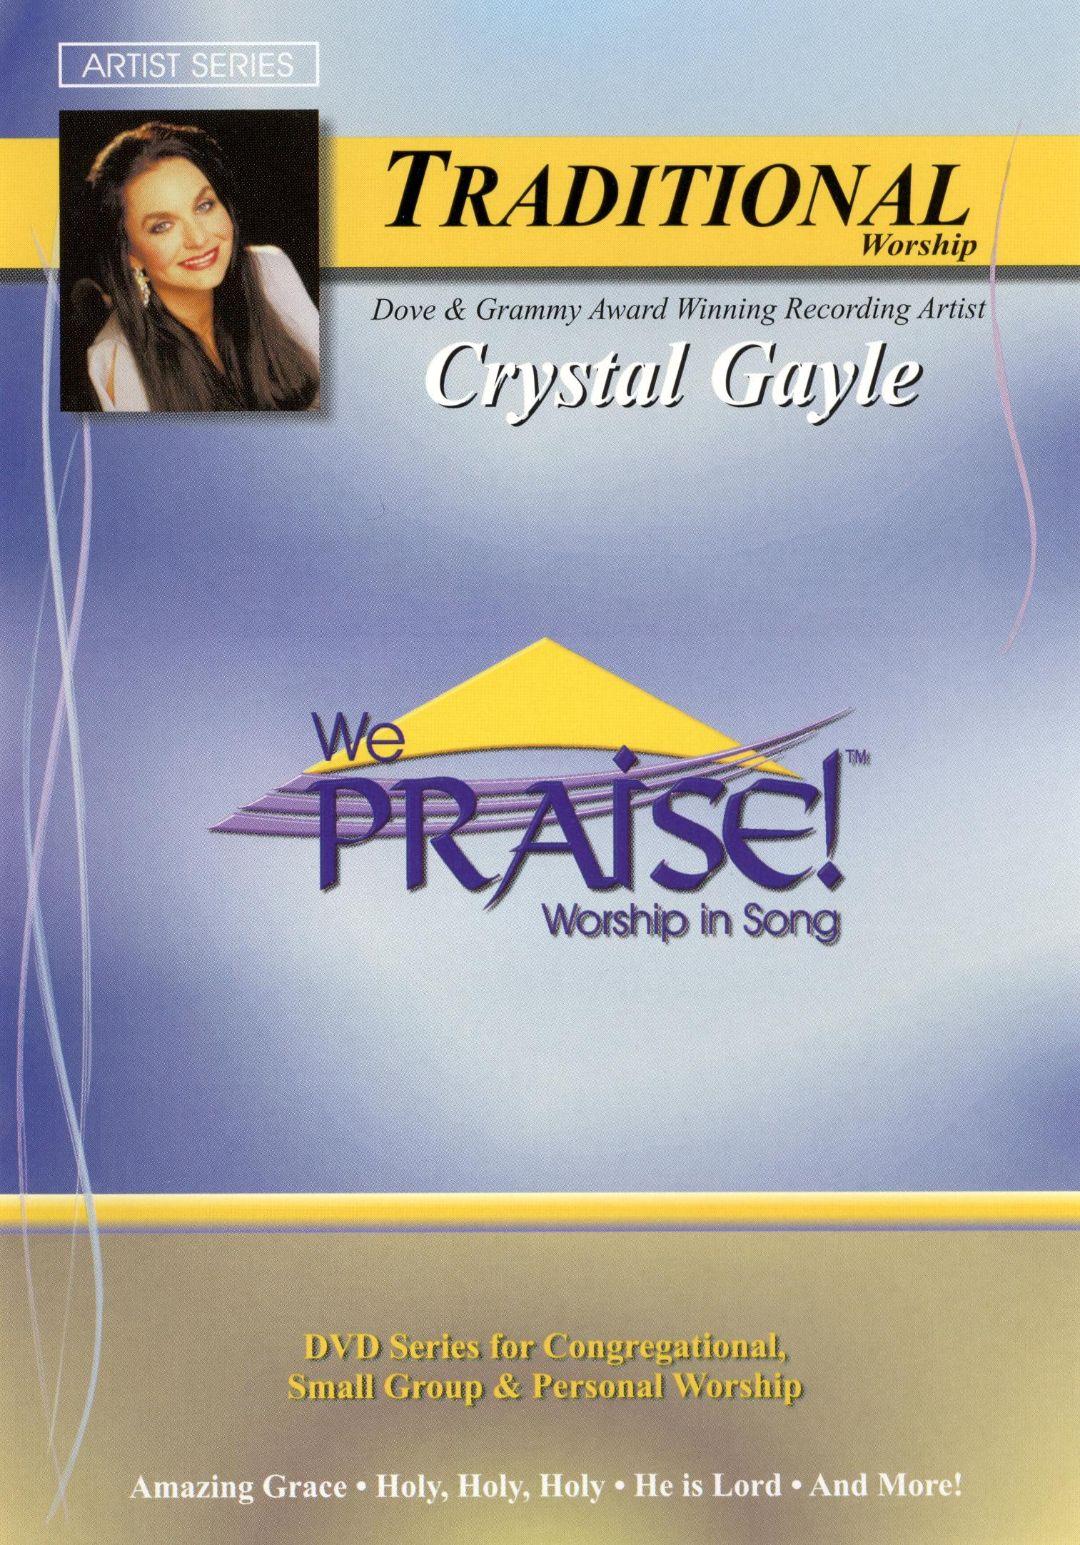 We Praise! Worship in Song/Traditional Worship